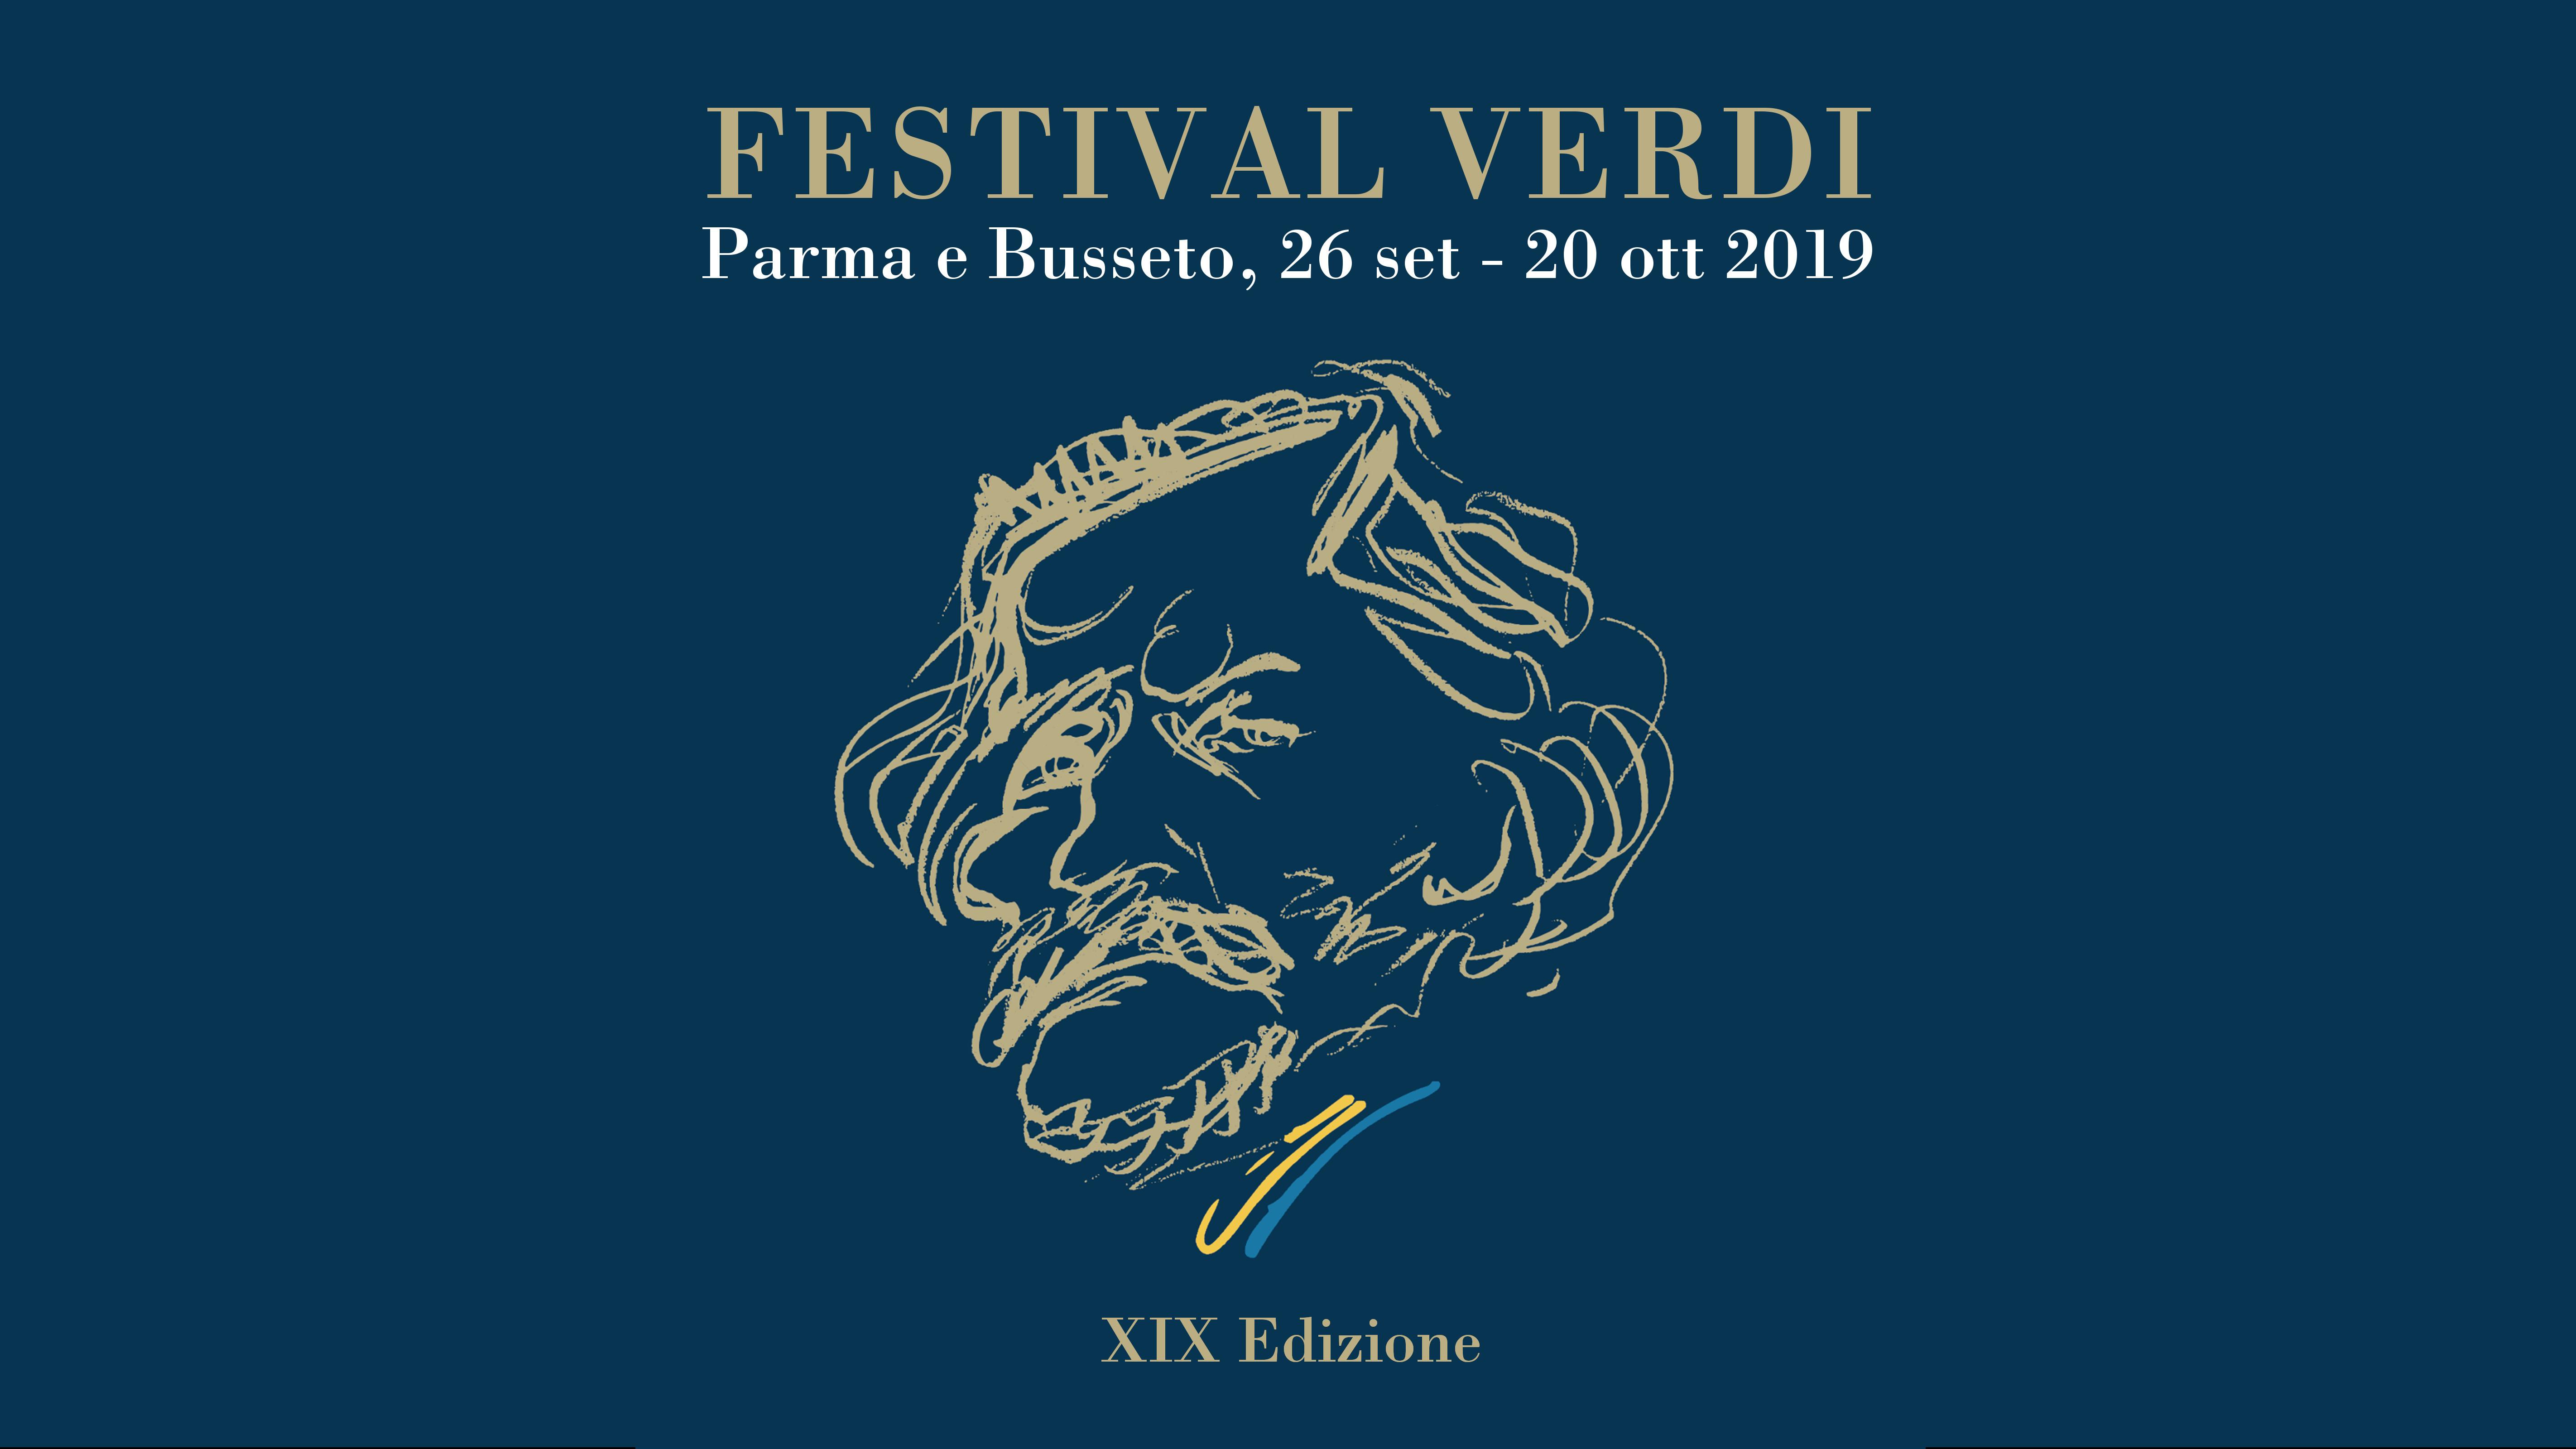 FESTIVAL VERDI  Un cantiere in movimento  Parma e Busseto, 26 settembre - 20 ottobre 2019